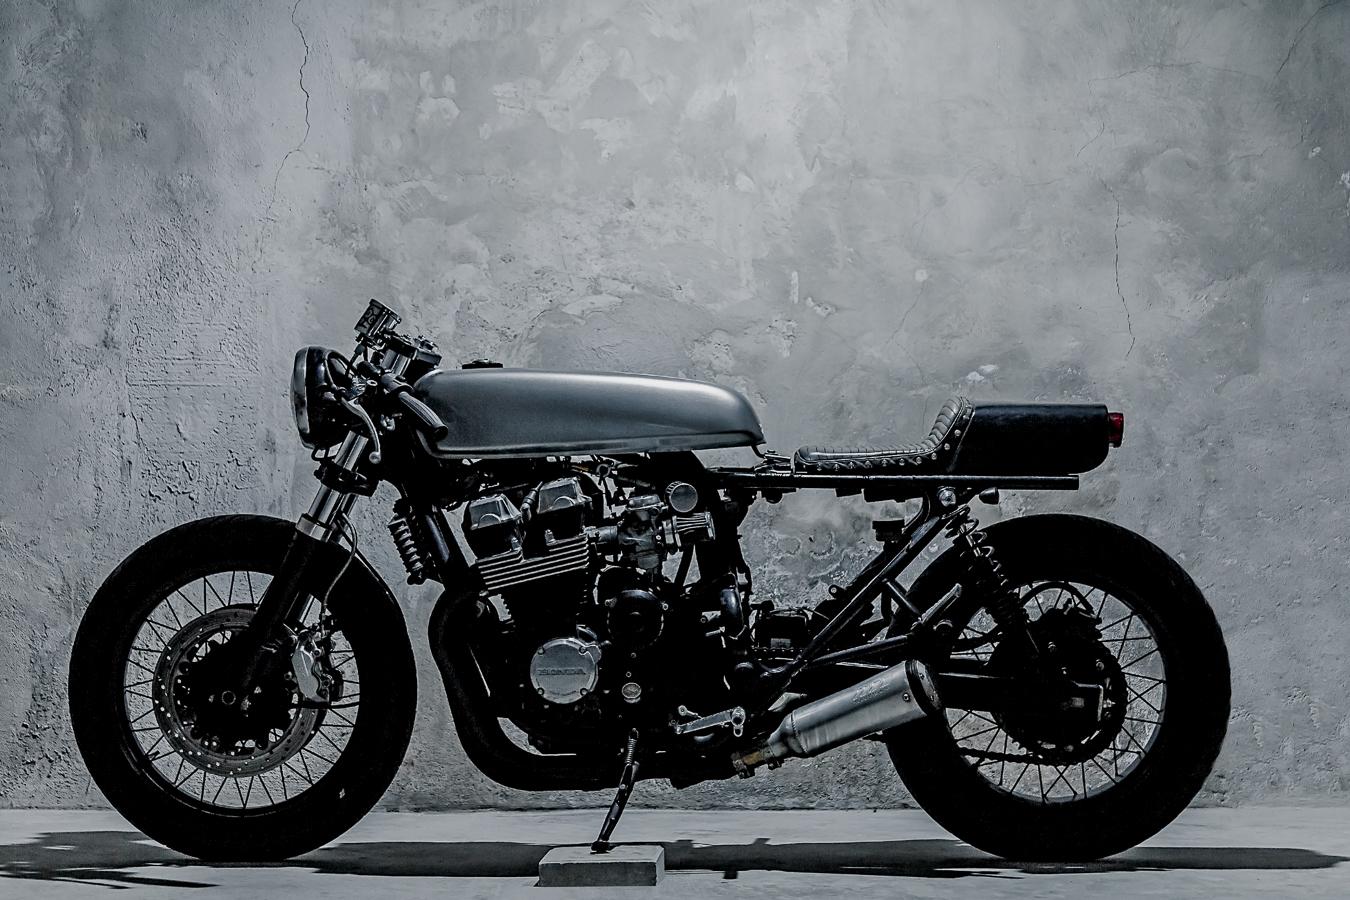 De Palma Cycles - #1 Honda750 by Cristian Di Stefano